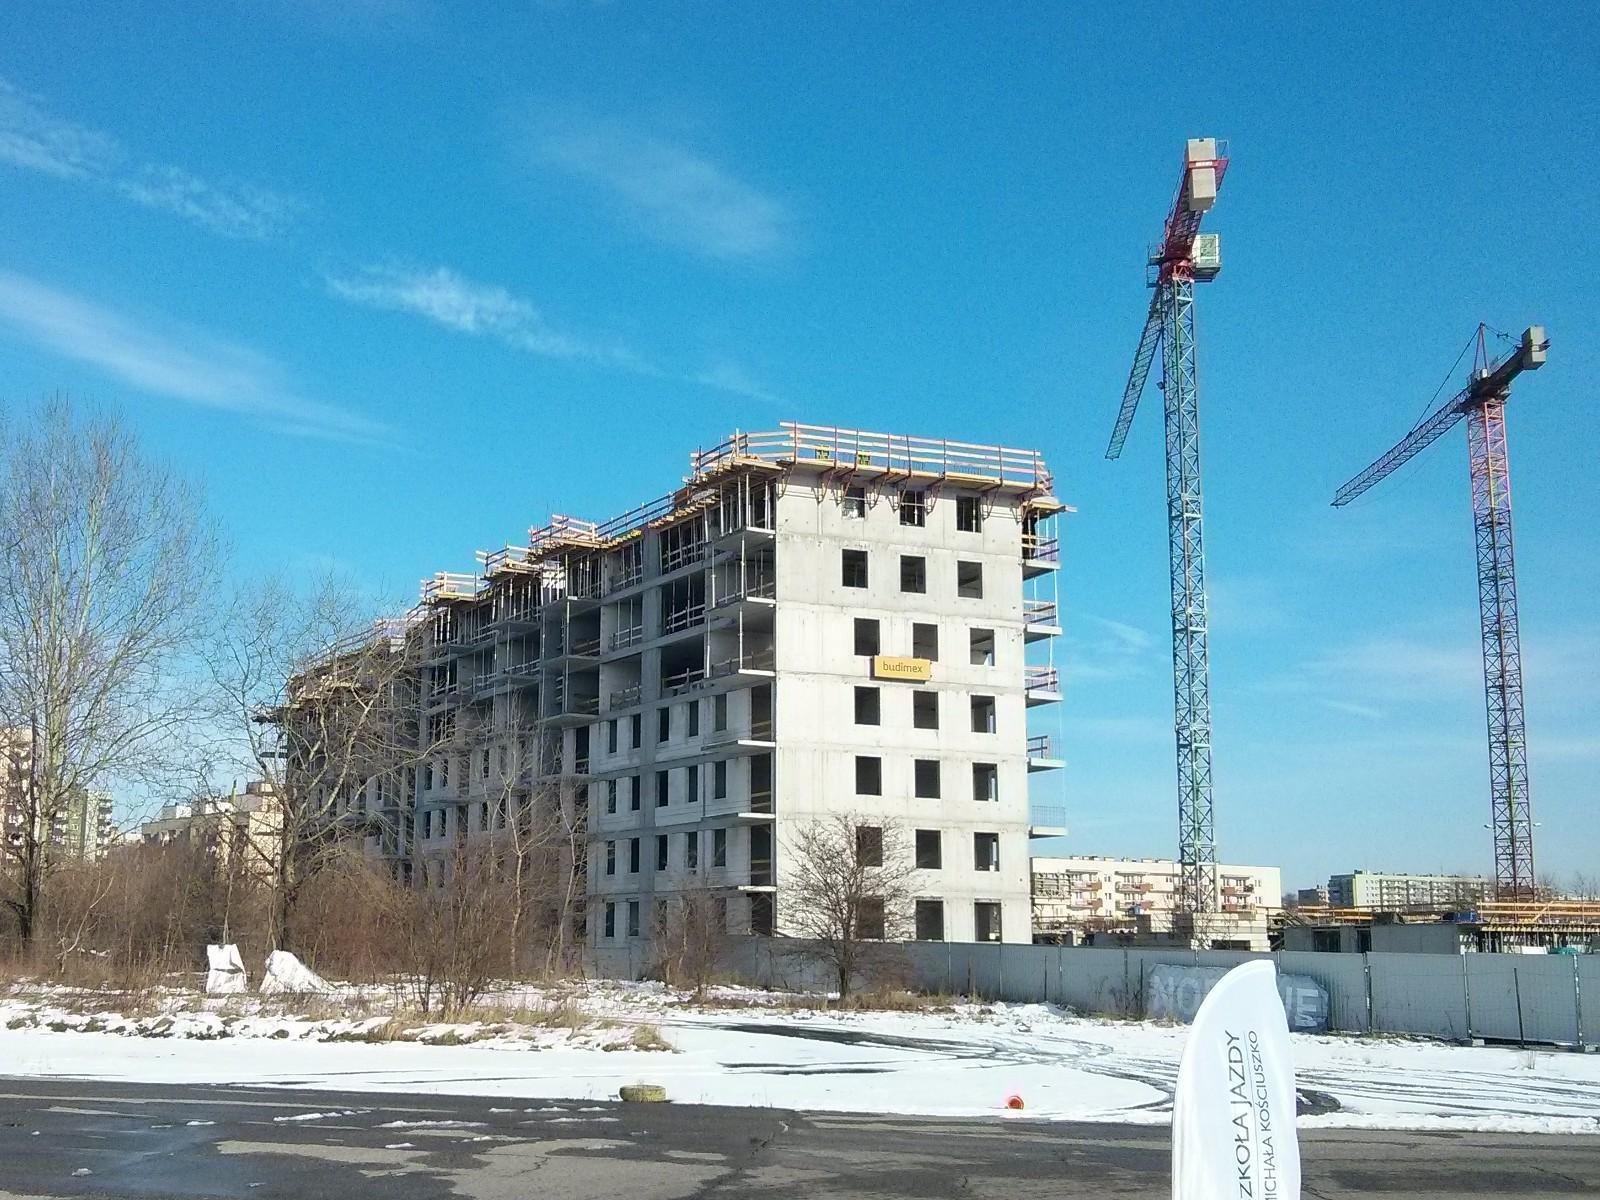 Na Orlińskiego 4 Budimex Nieruchomości stawia ostatnie piętro bloku